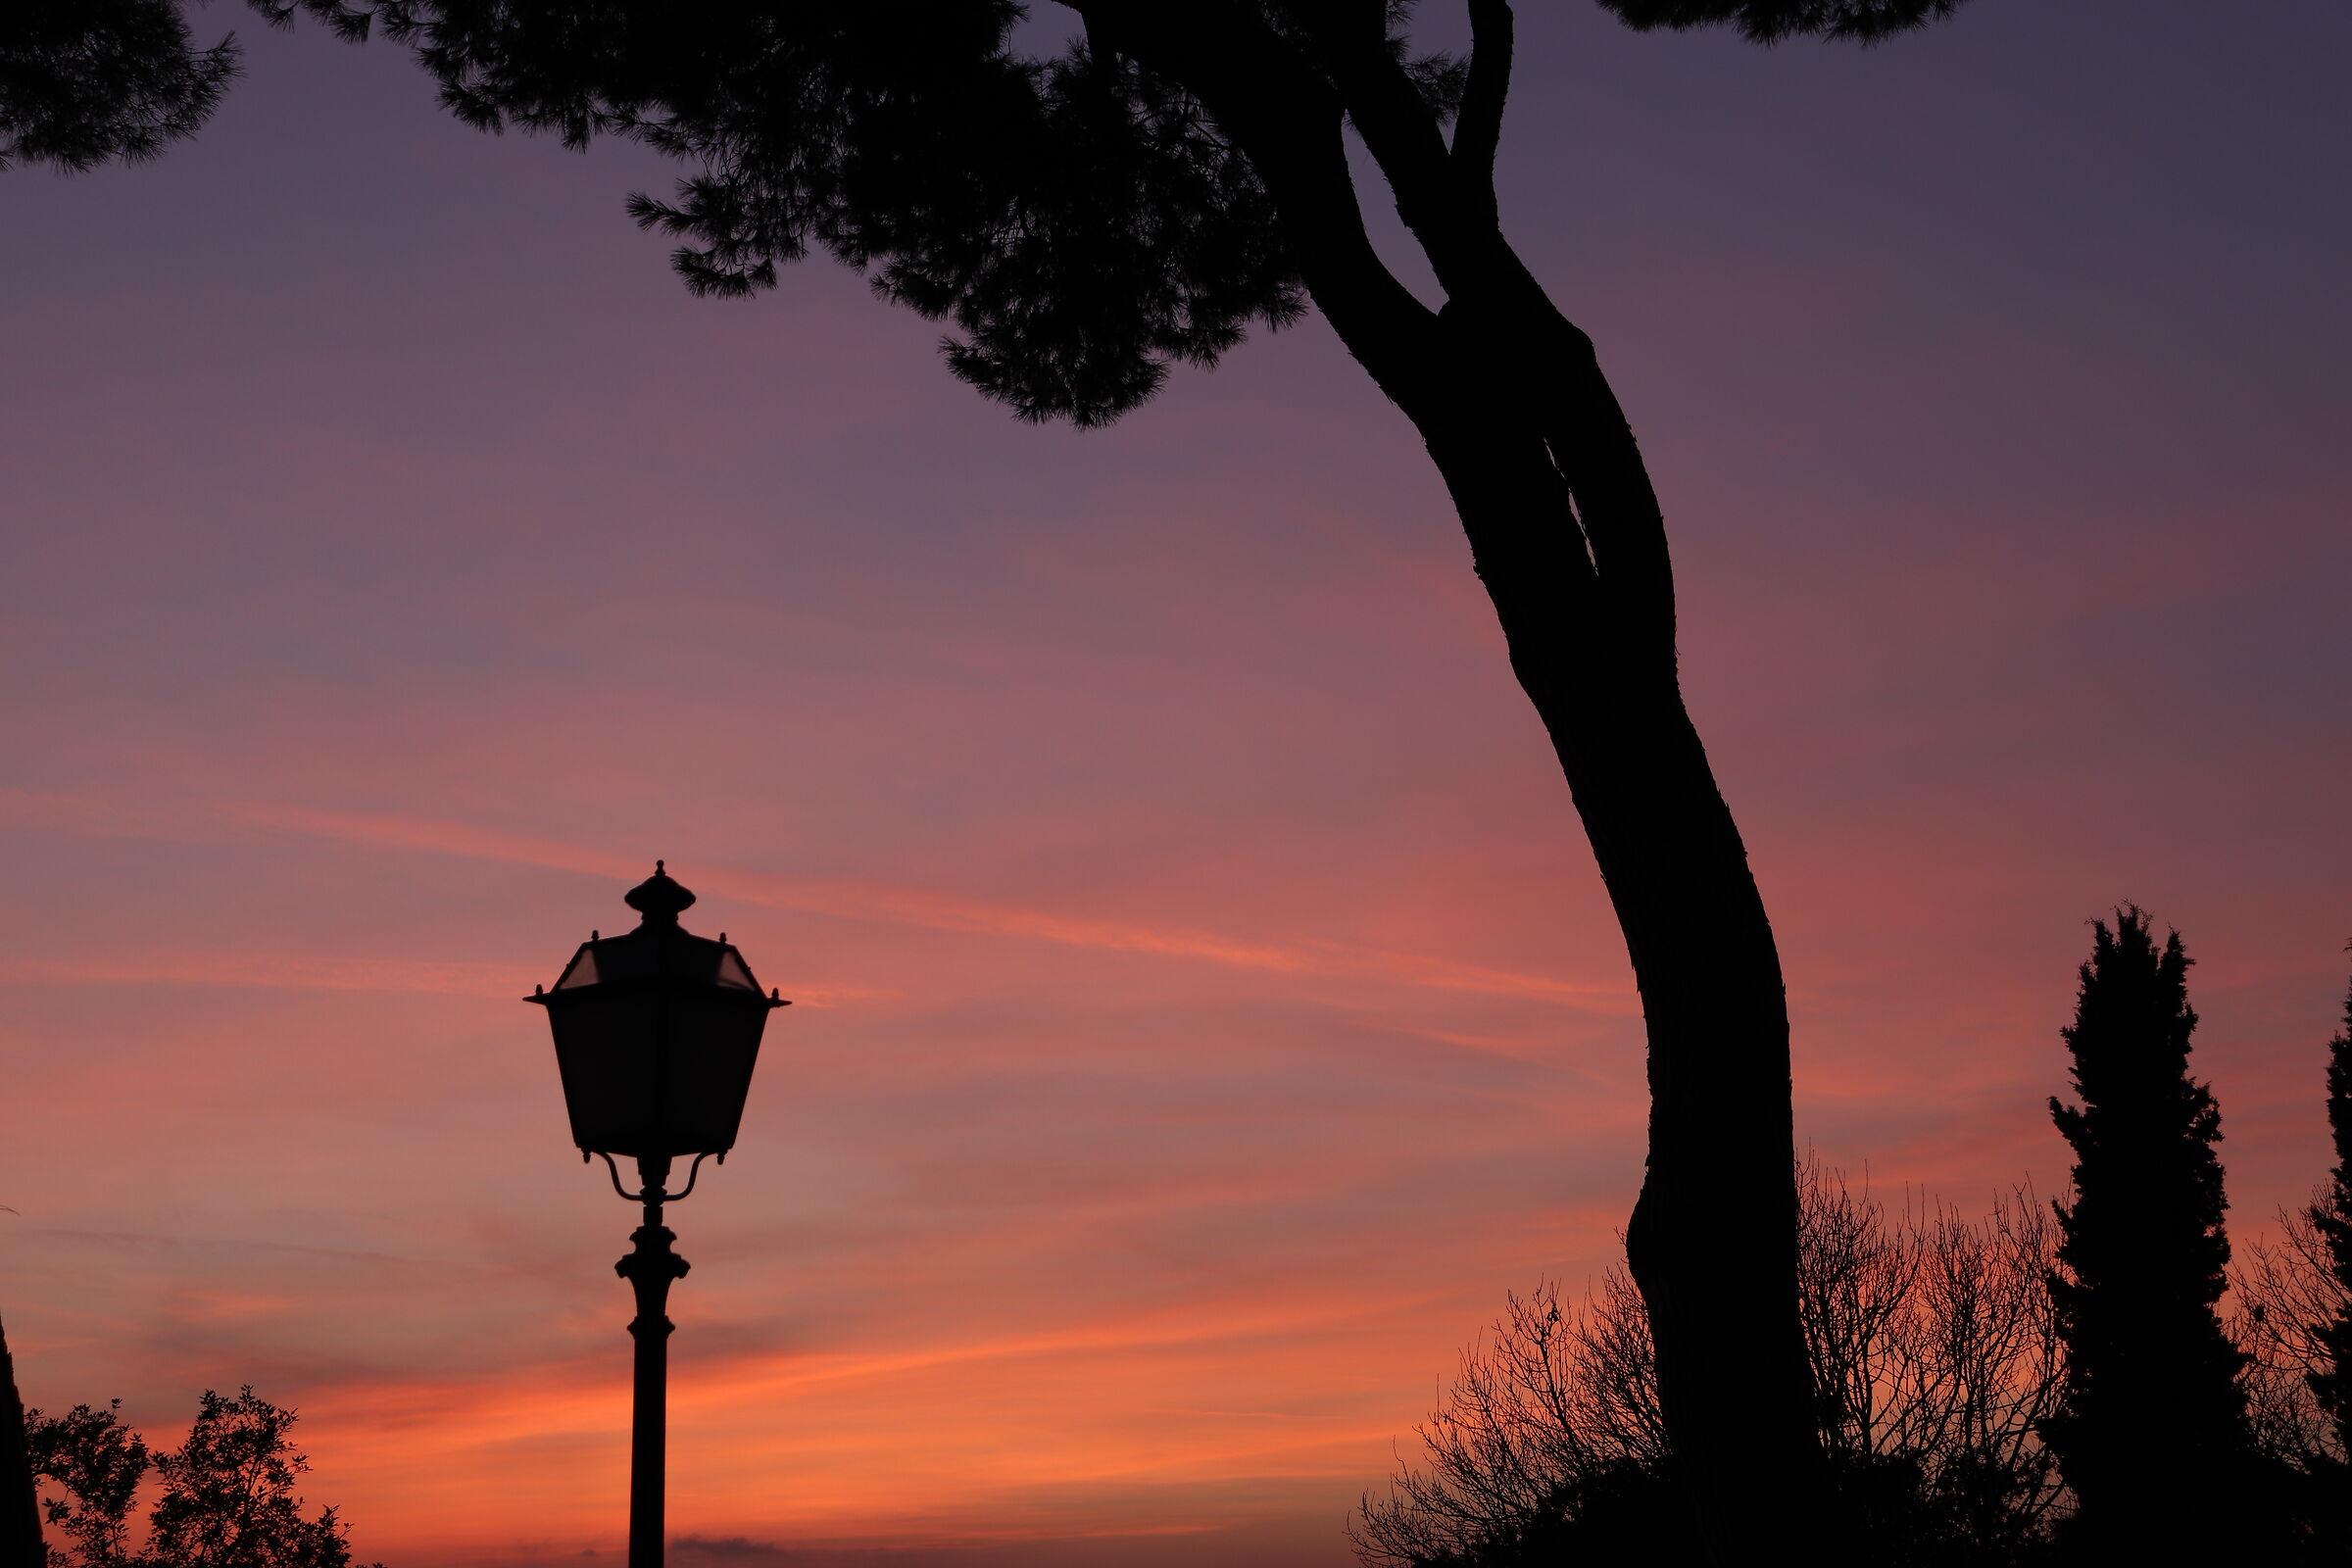 Fiorentine sunset...